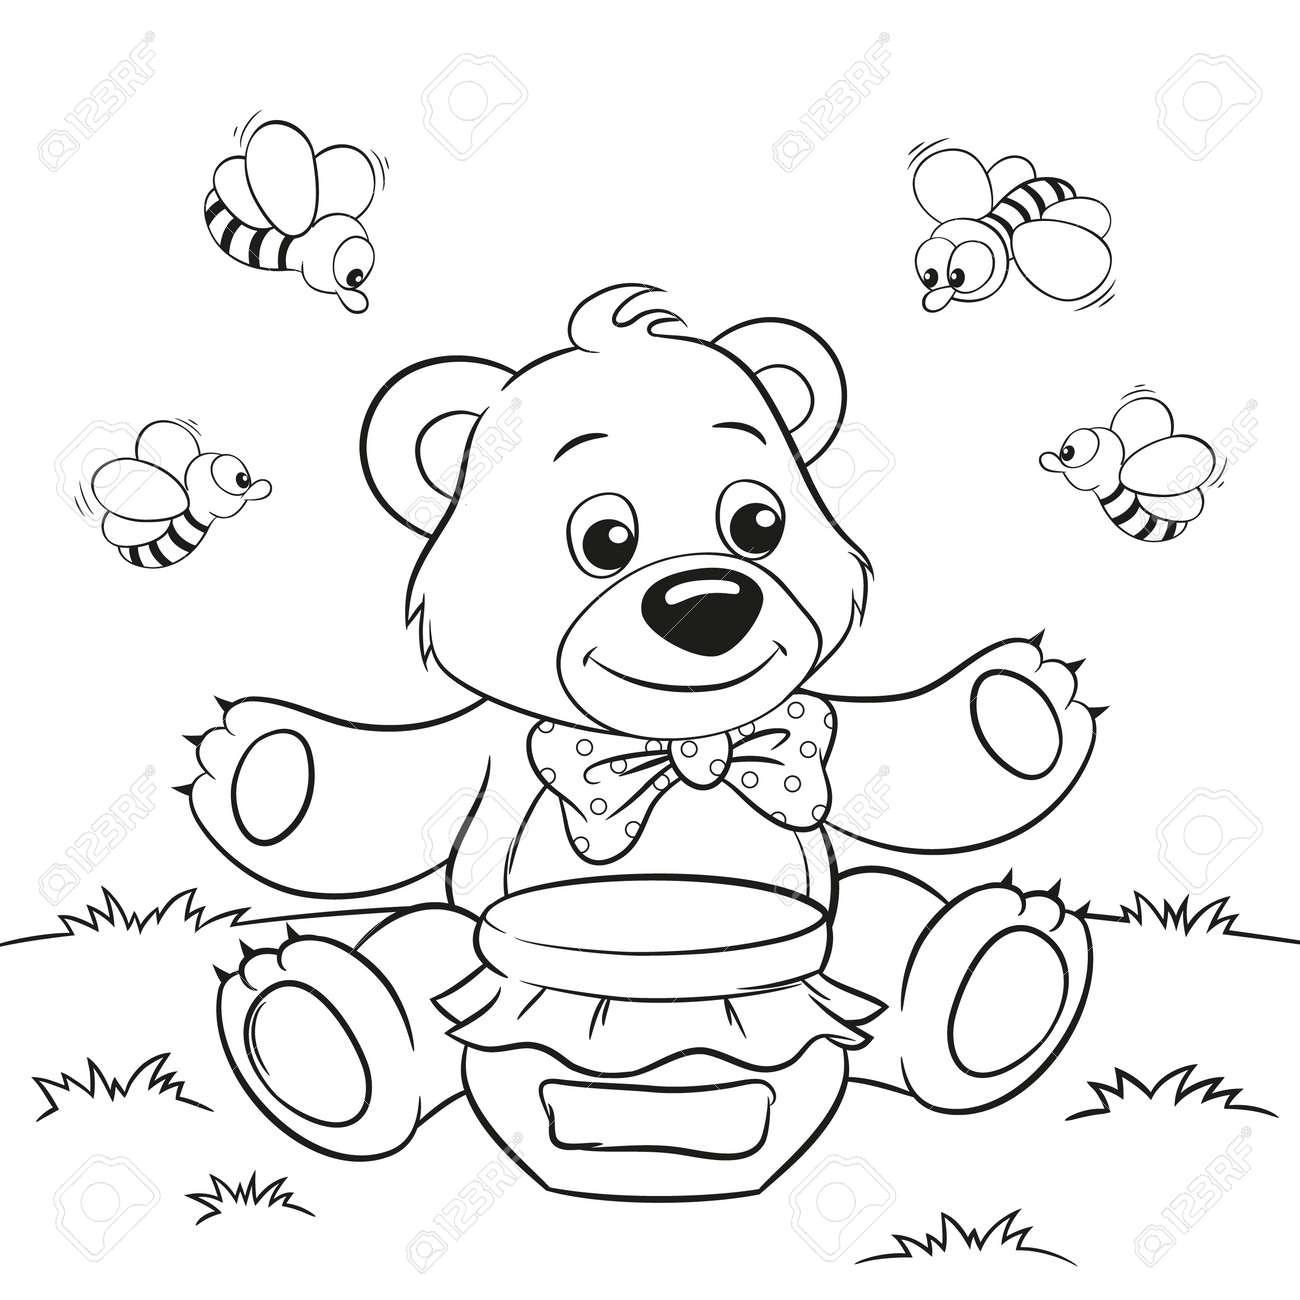 塗り絵のためのハチと蜂蜜のクマをかわいい漫画のベクトル イラストの